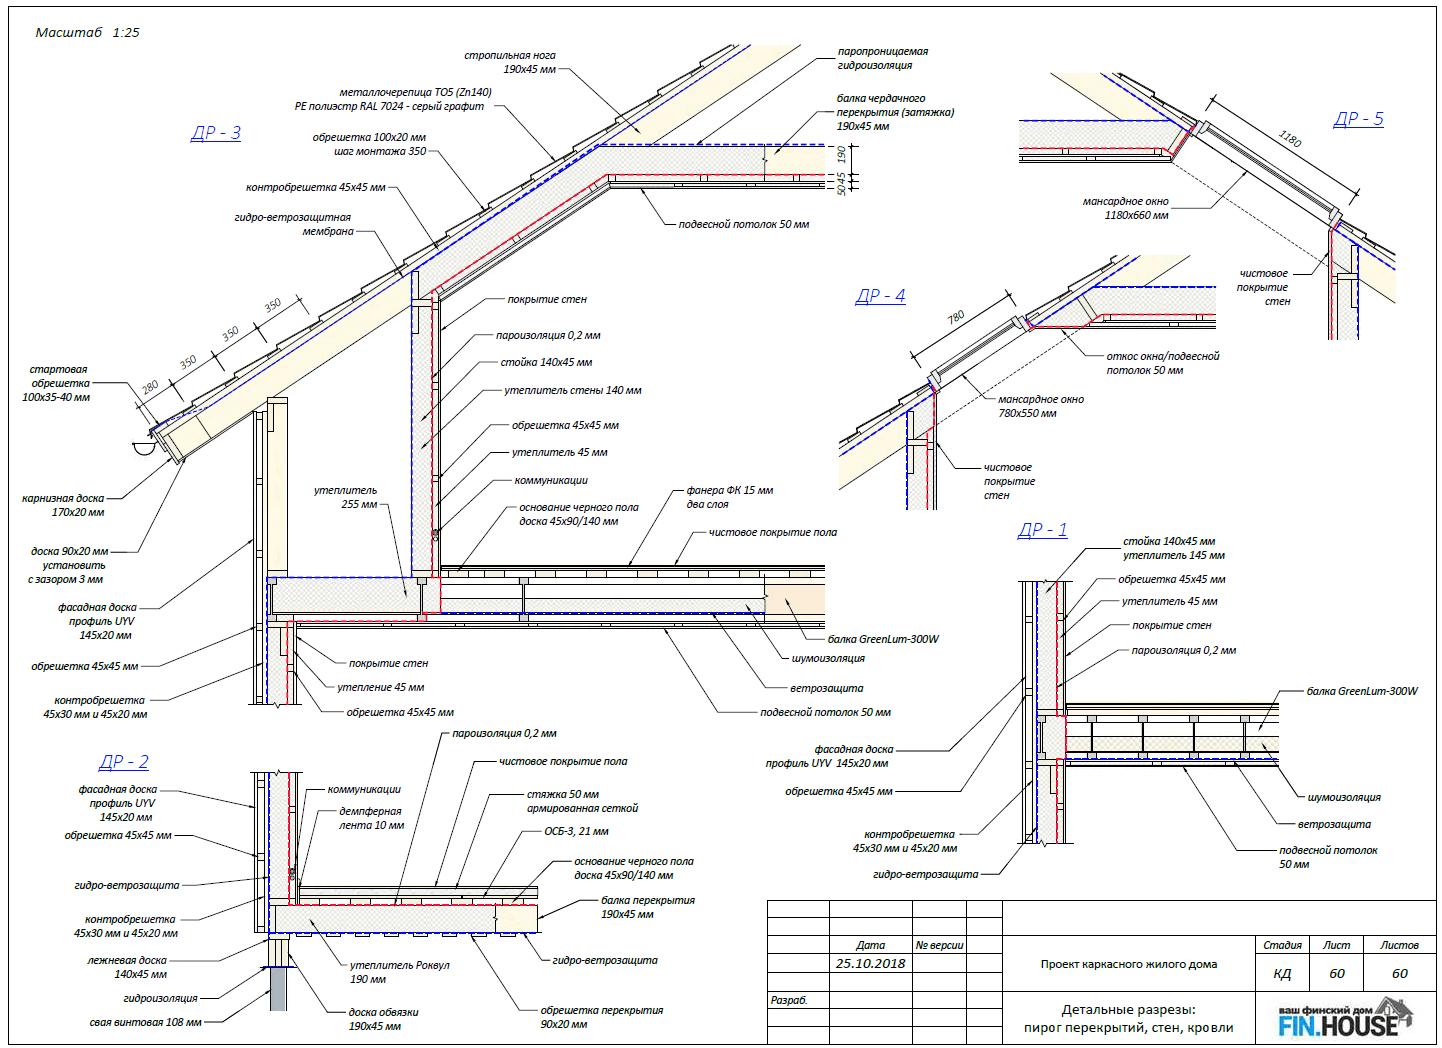 Разрезы по строения с указанием элементов